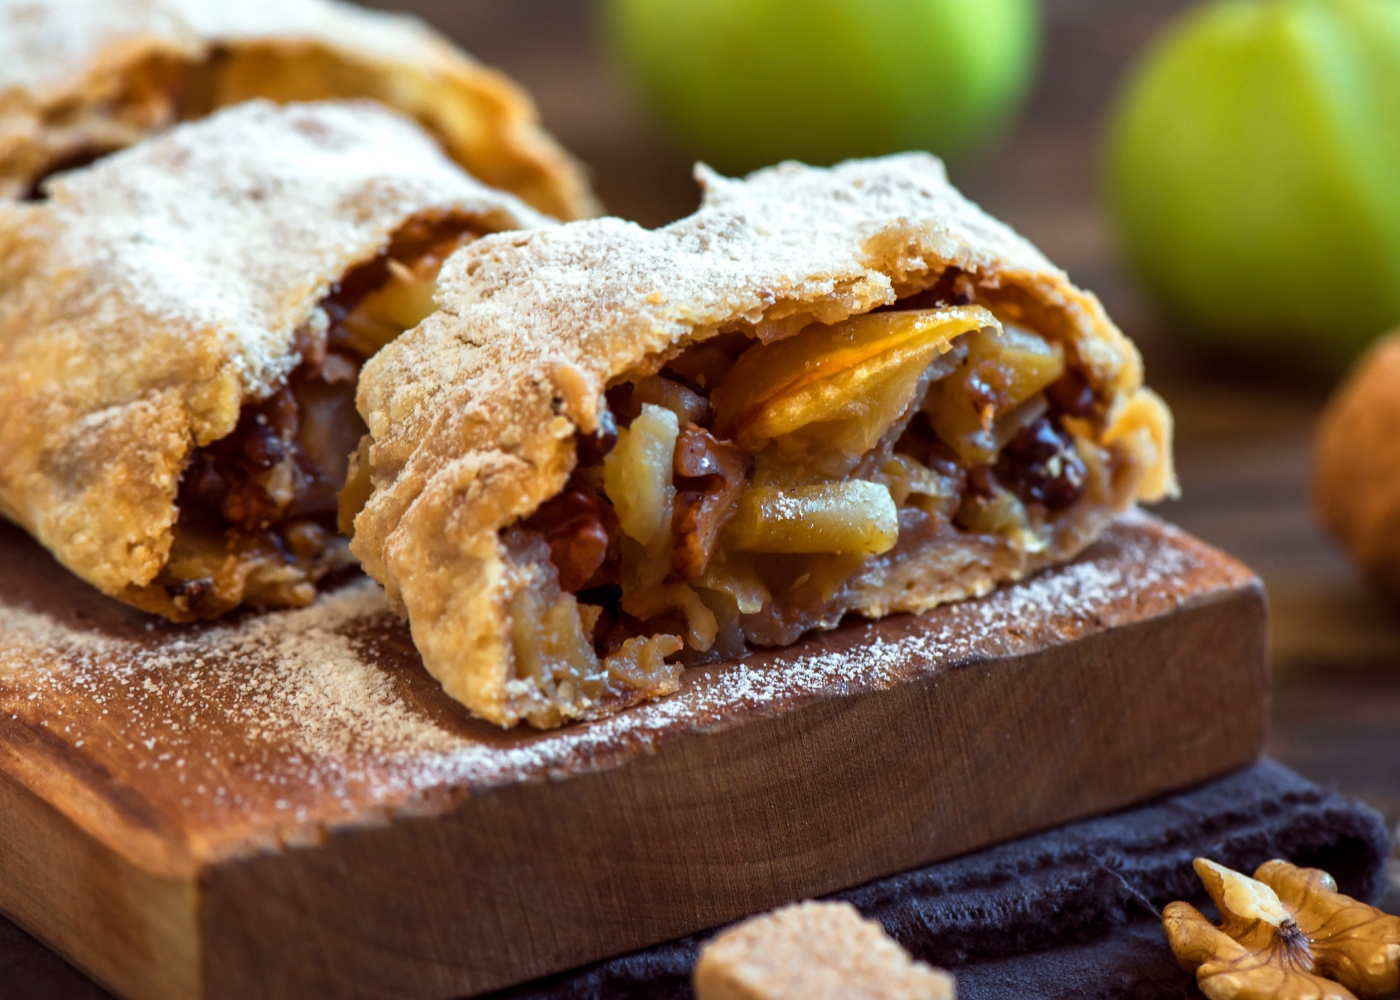 receita de tarte de maçã, passas e nozes